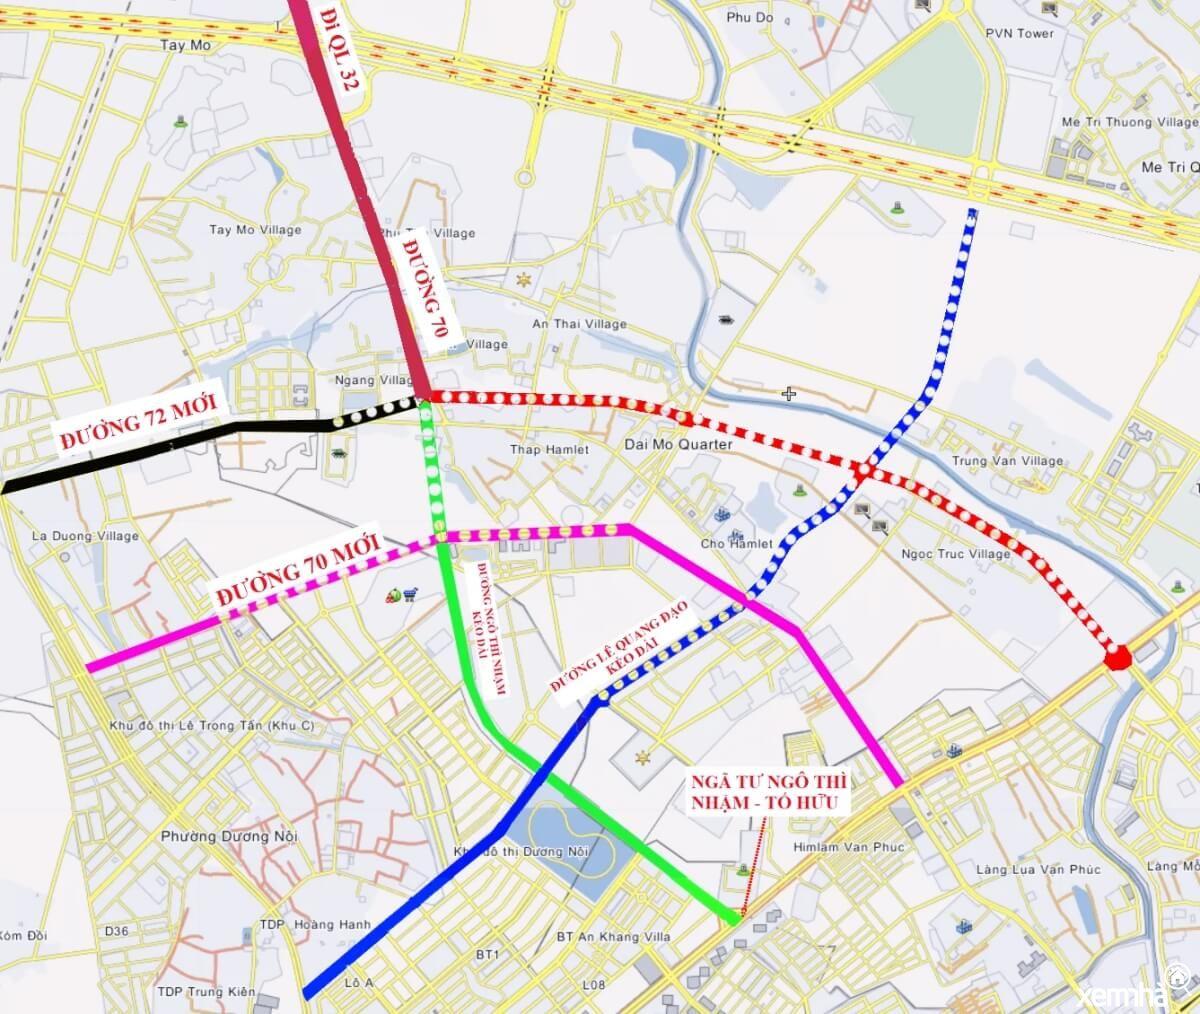 Bản đồ quy hoạch đường 70